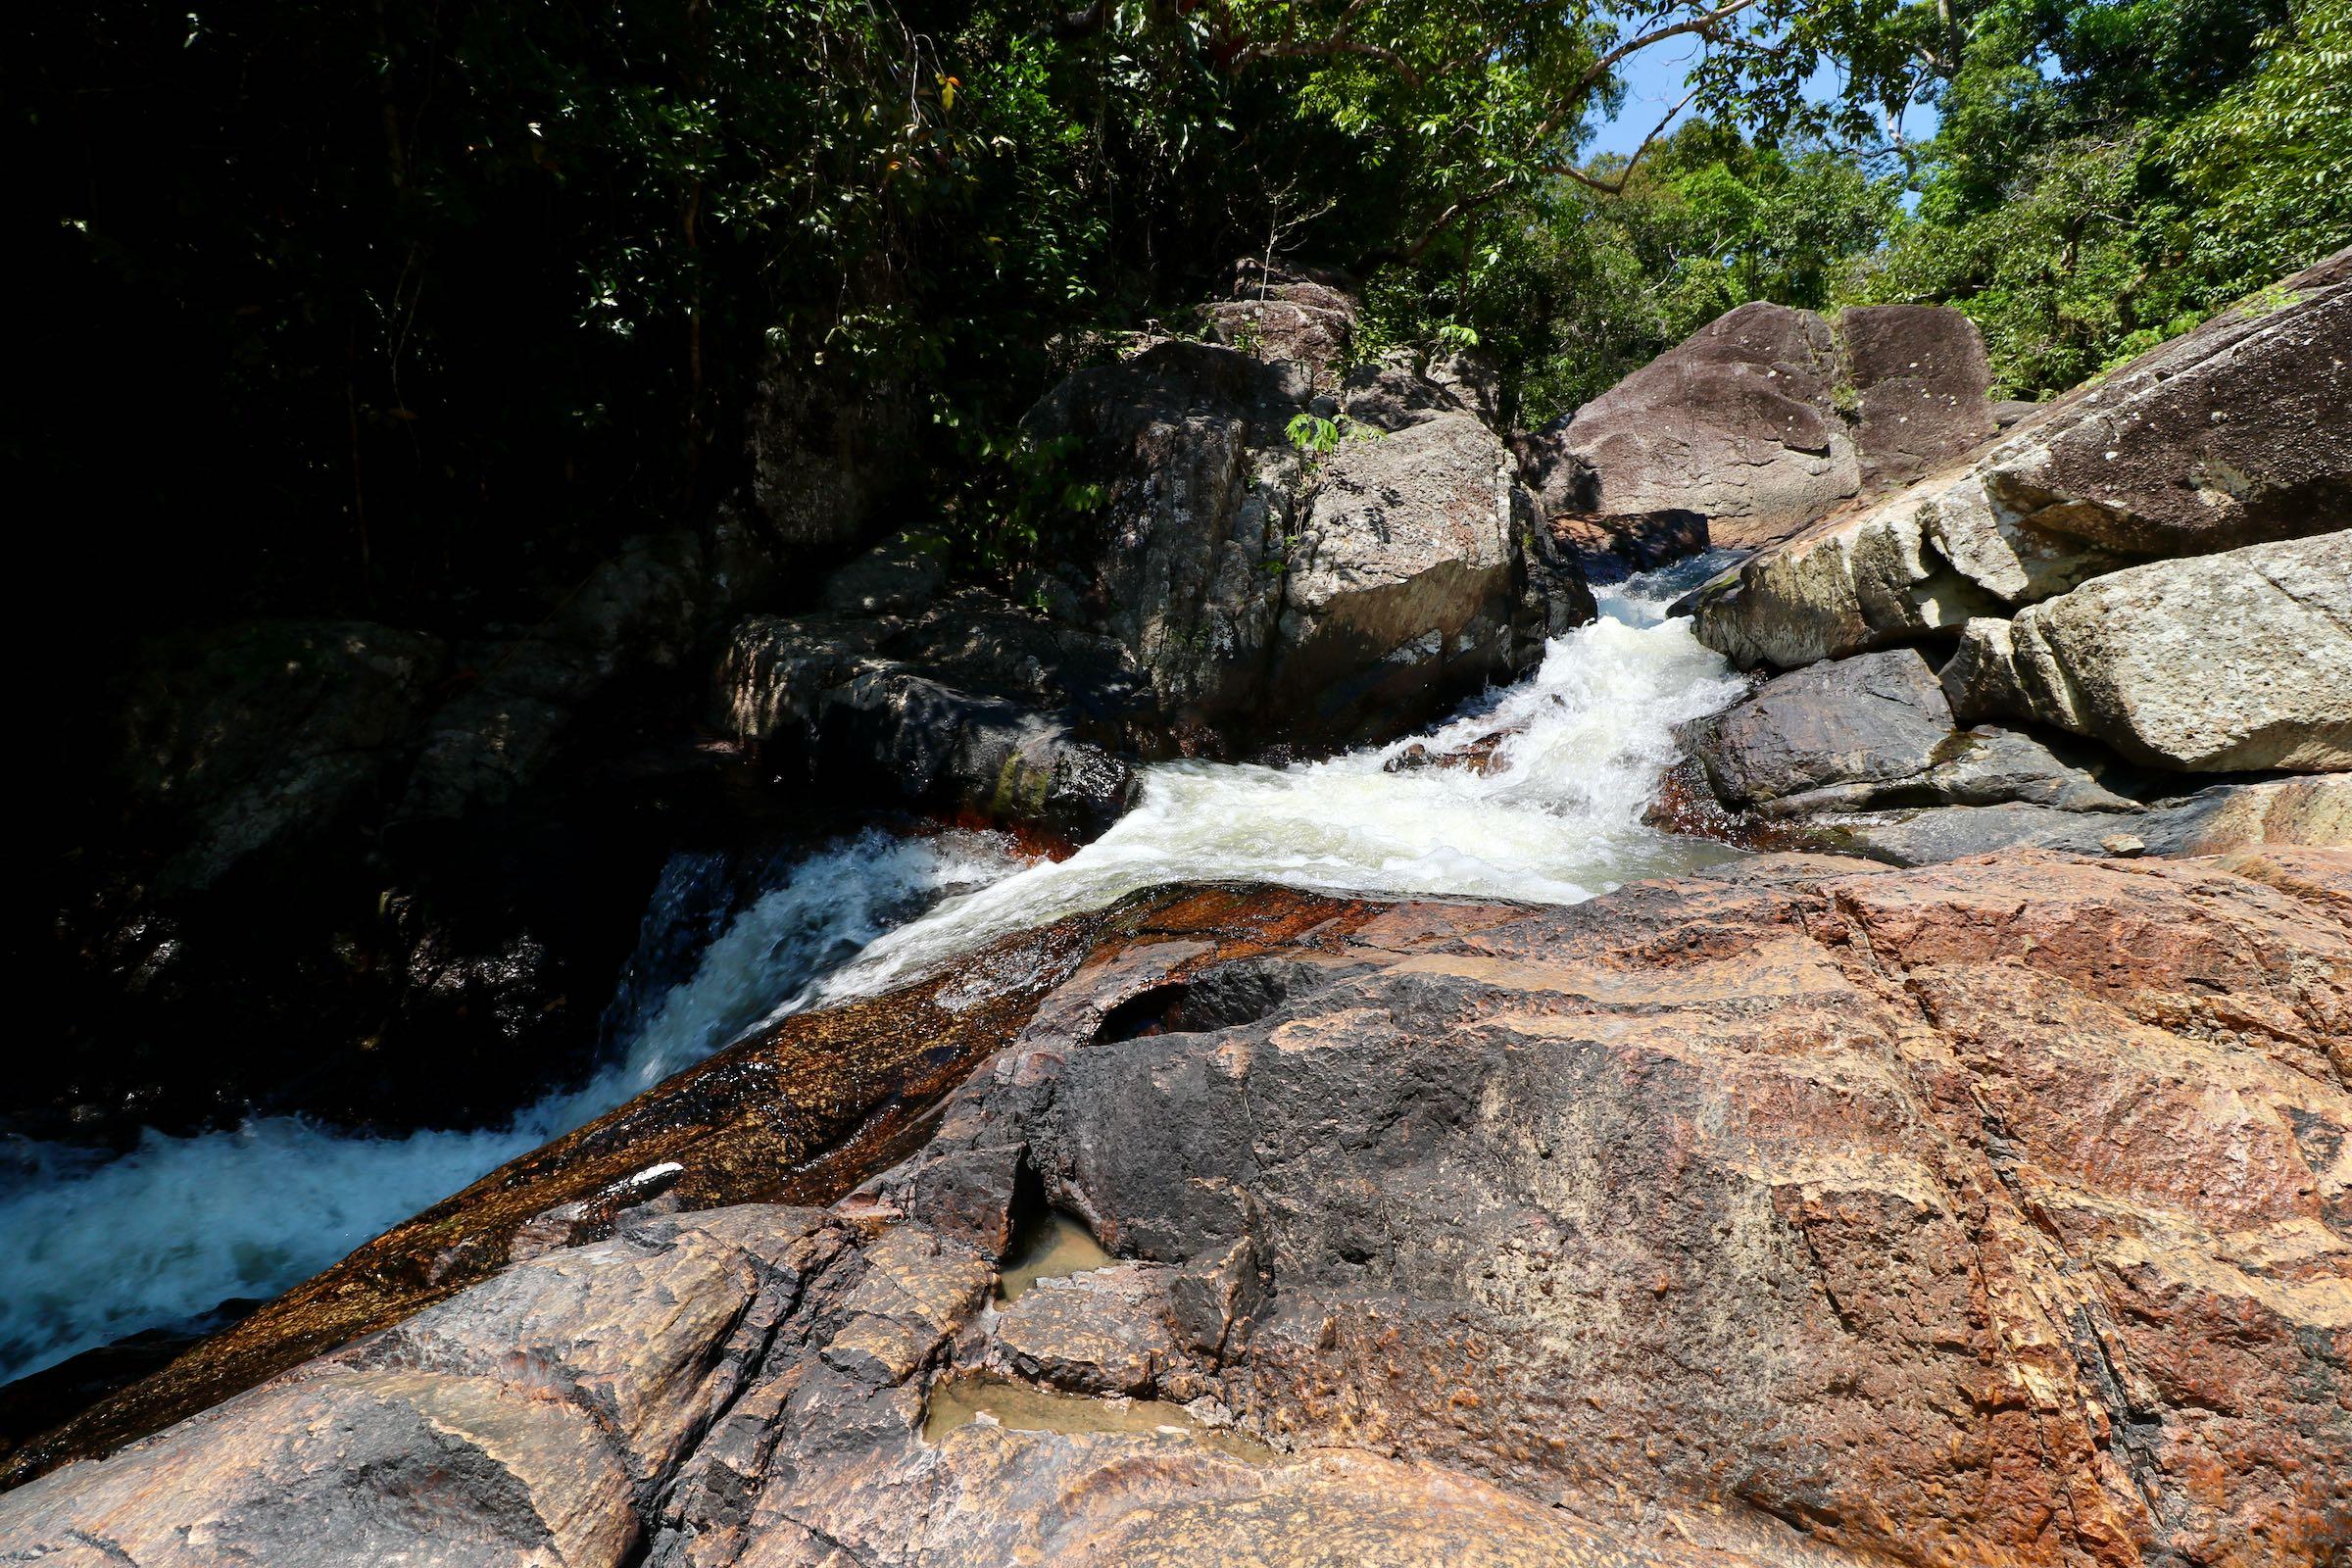 Wasserfall auf Ko Pha-ngan, Thailand